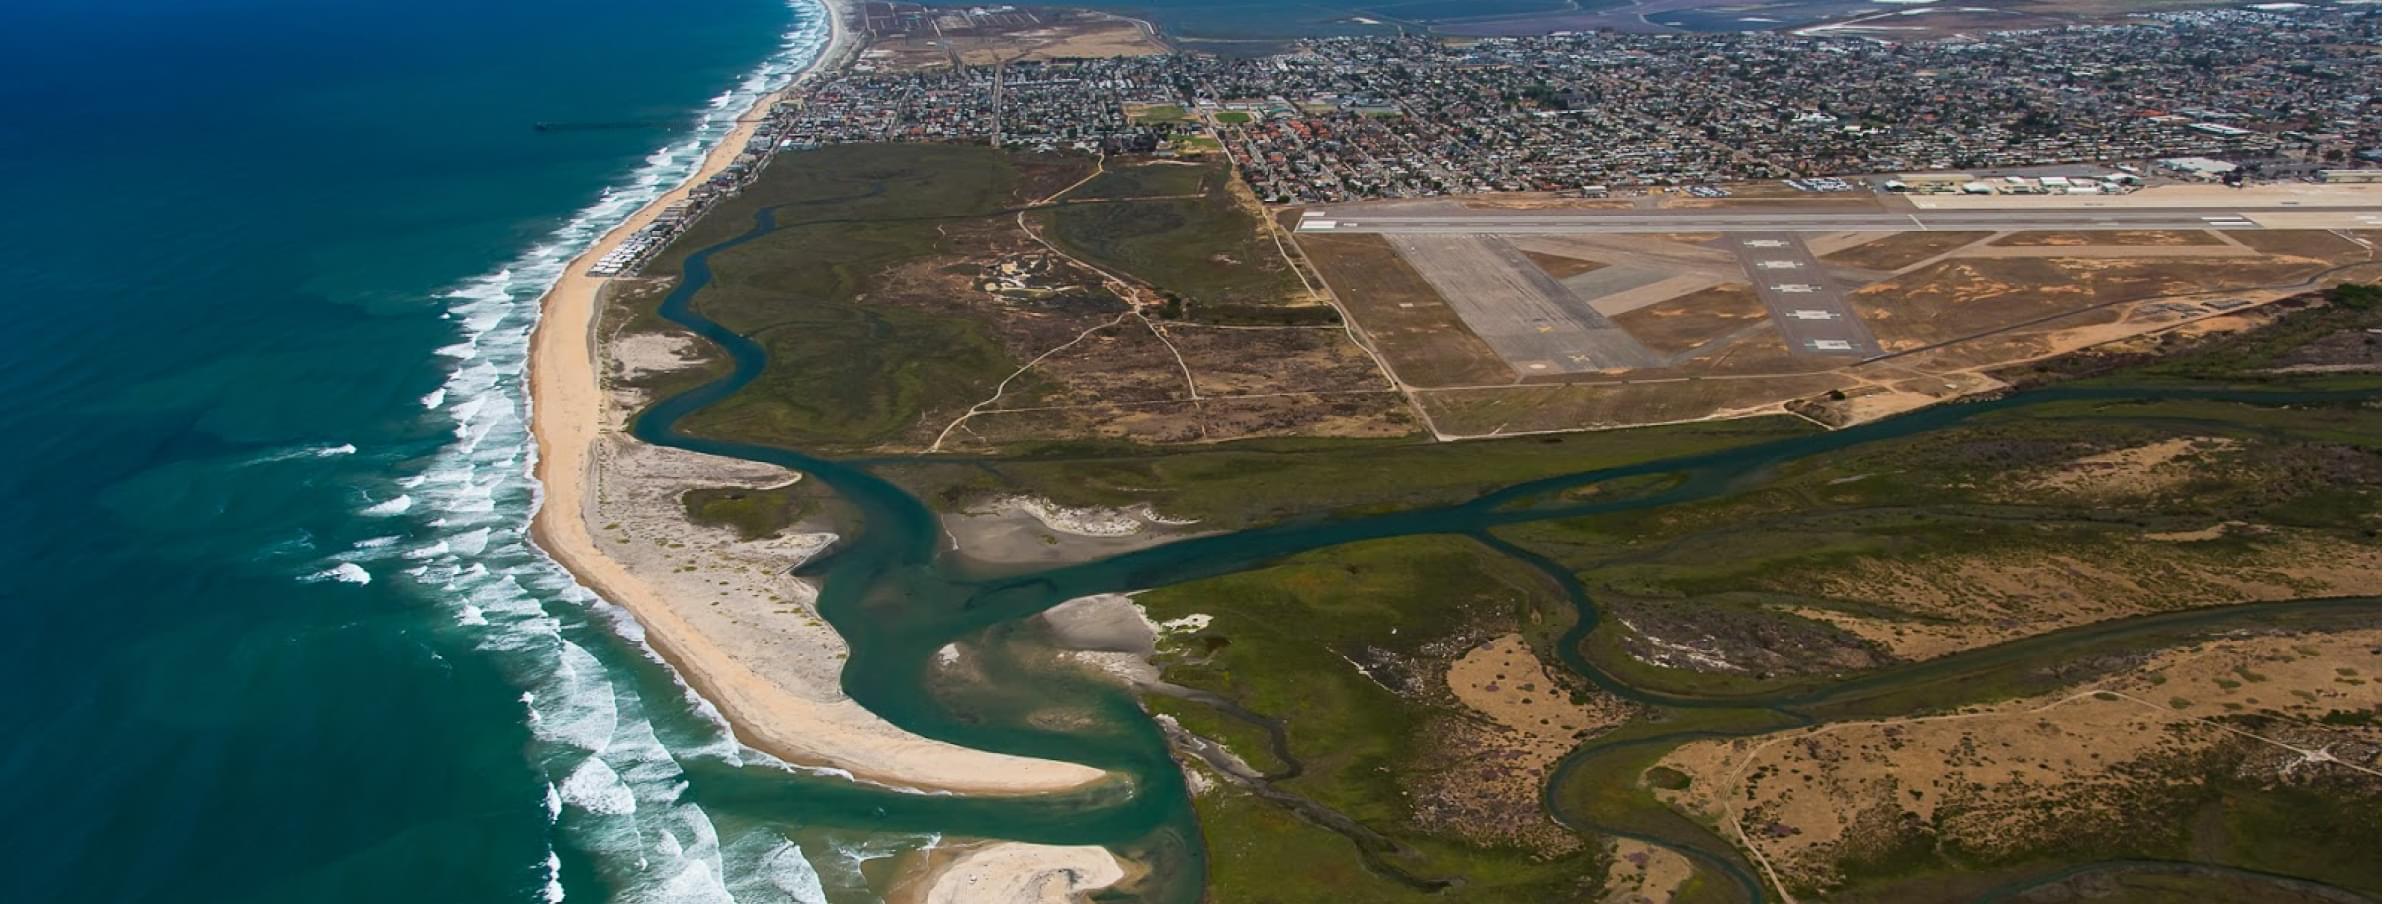 La Reserva Nacional de Investigación del Estuario del Río Tijuana se encuentra en la frontera entre Estados Unidos y México. El río fluye a través de Tijuana, México,, y entra al Océano Pacífico cerca de San Diego, California en los Estados Unidos.